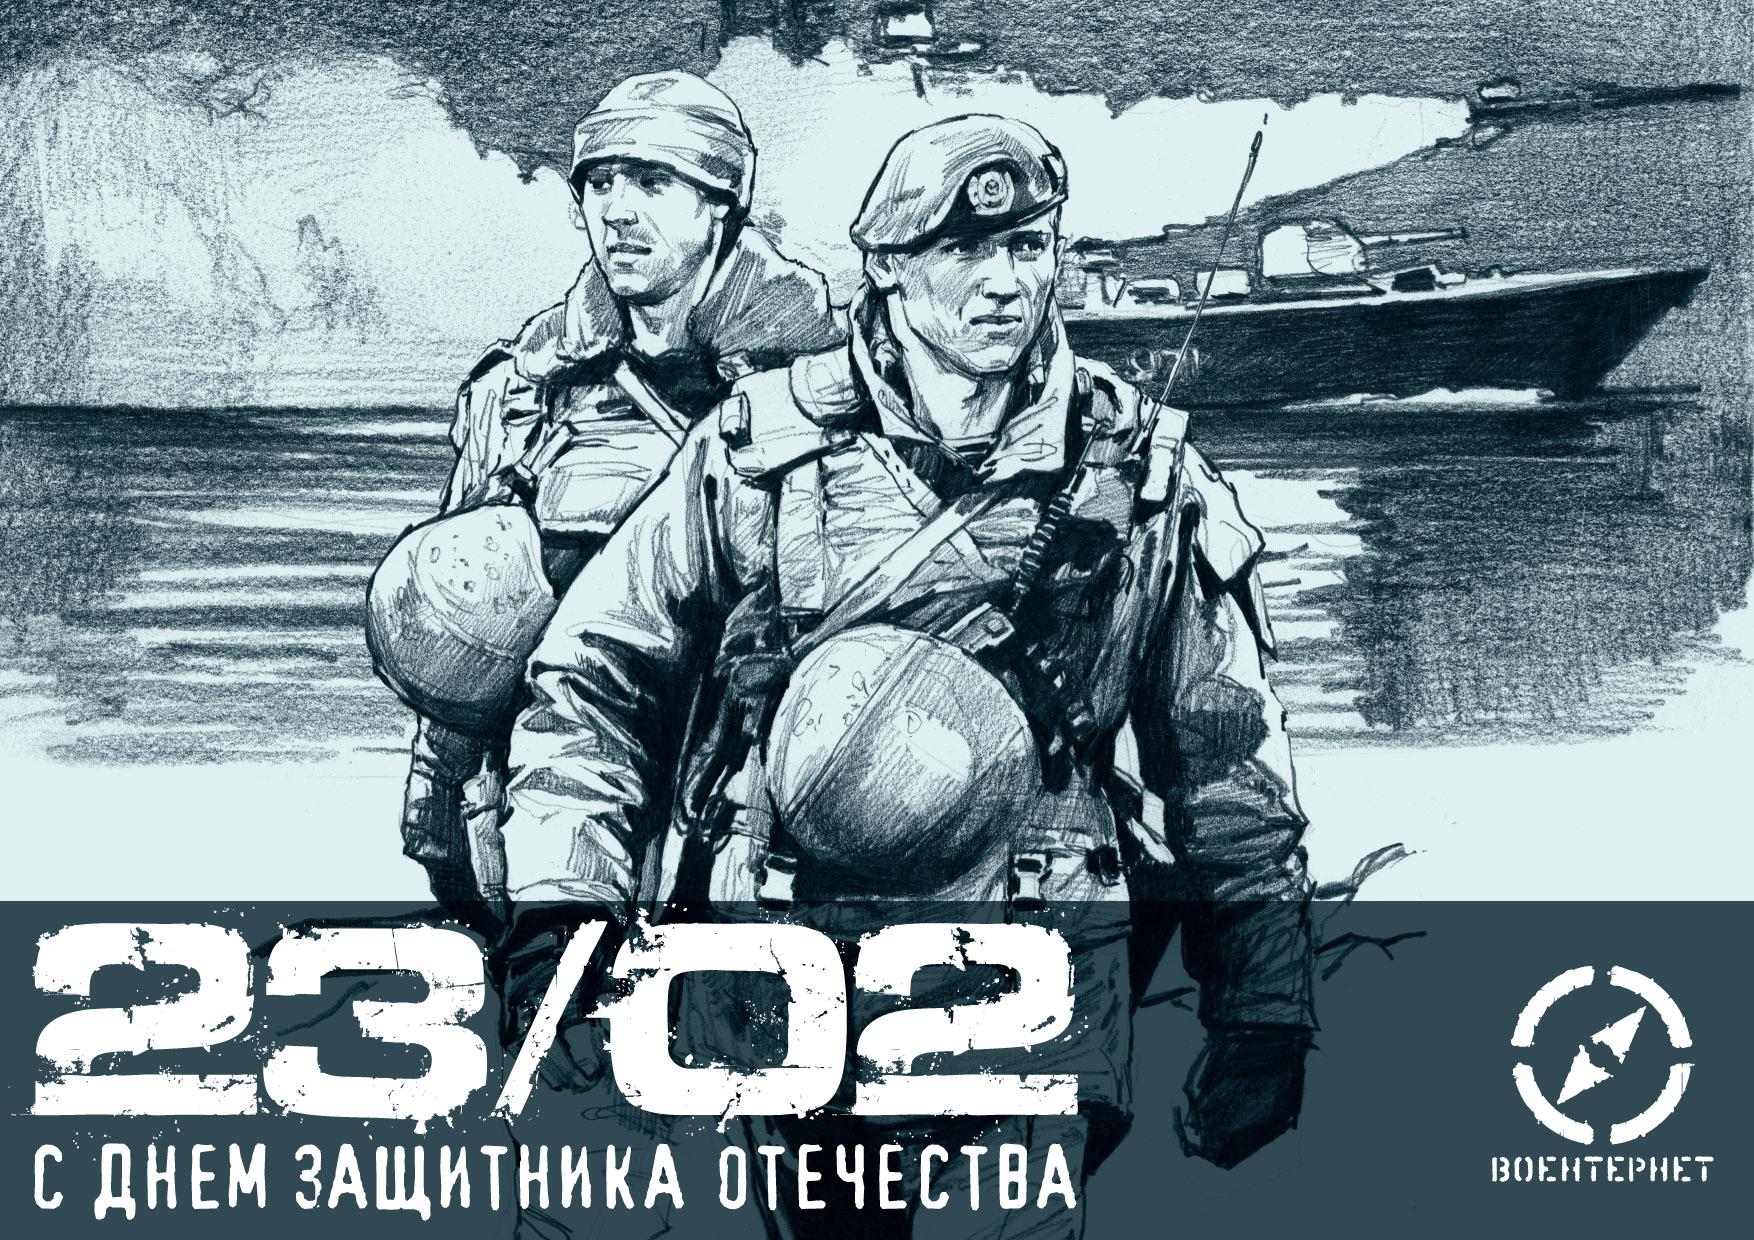 Картинки на 23 февраля морские пехотинцы, рисунки взрослых картинка